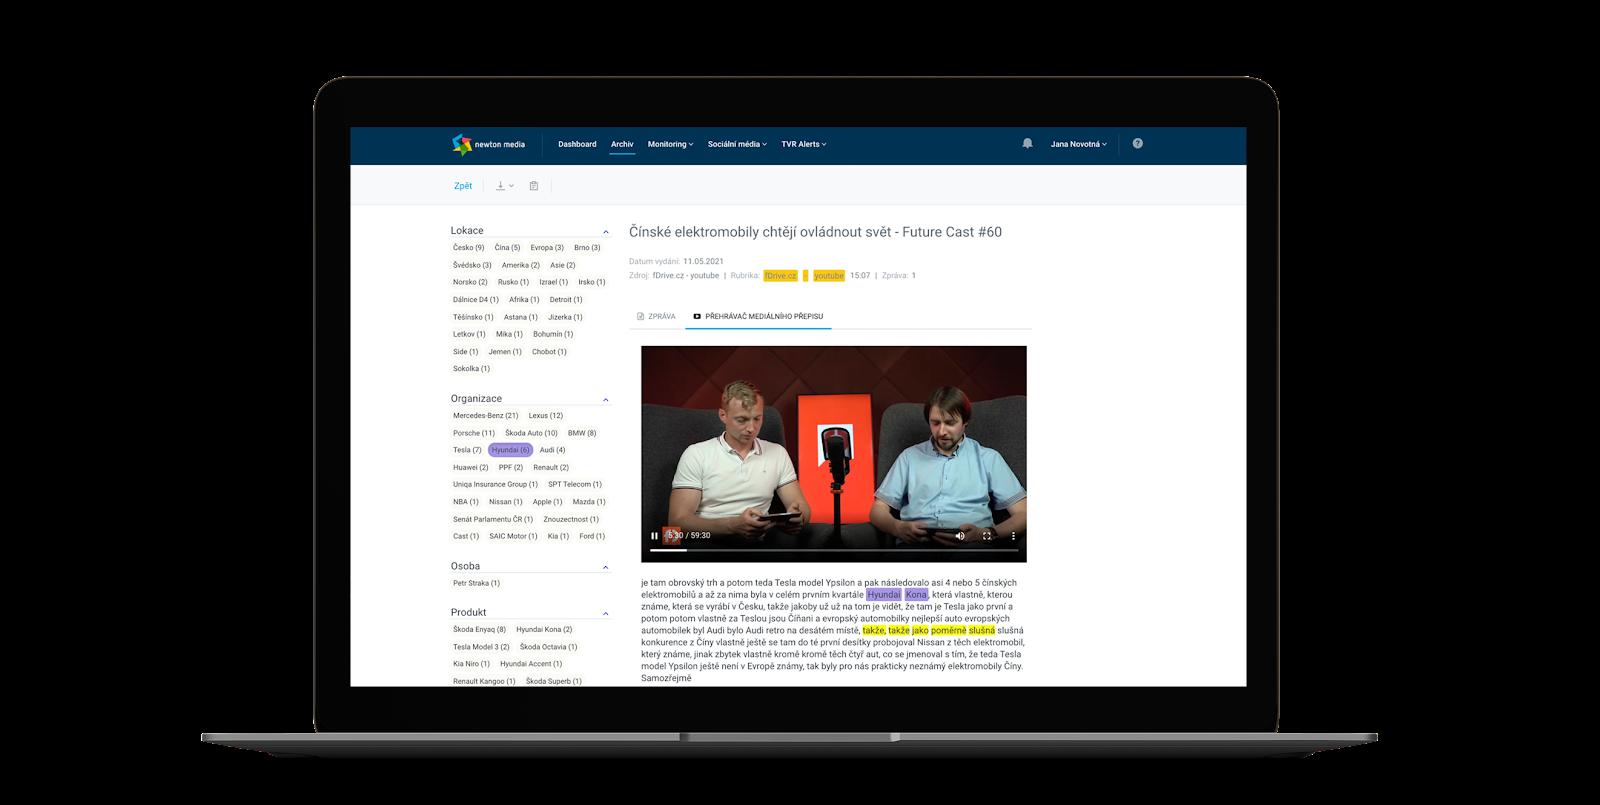 Obsah obrázku text, snímek obrazovky, obrazovka, displej  Popis byl vytvořen automaticky